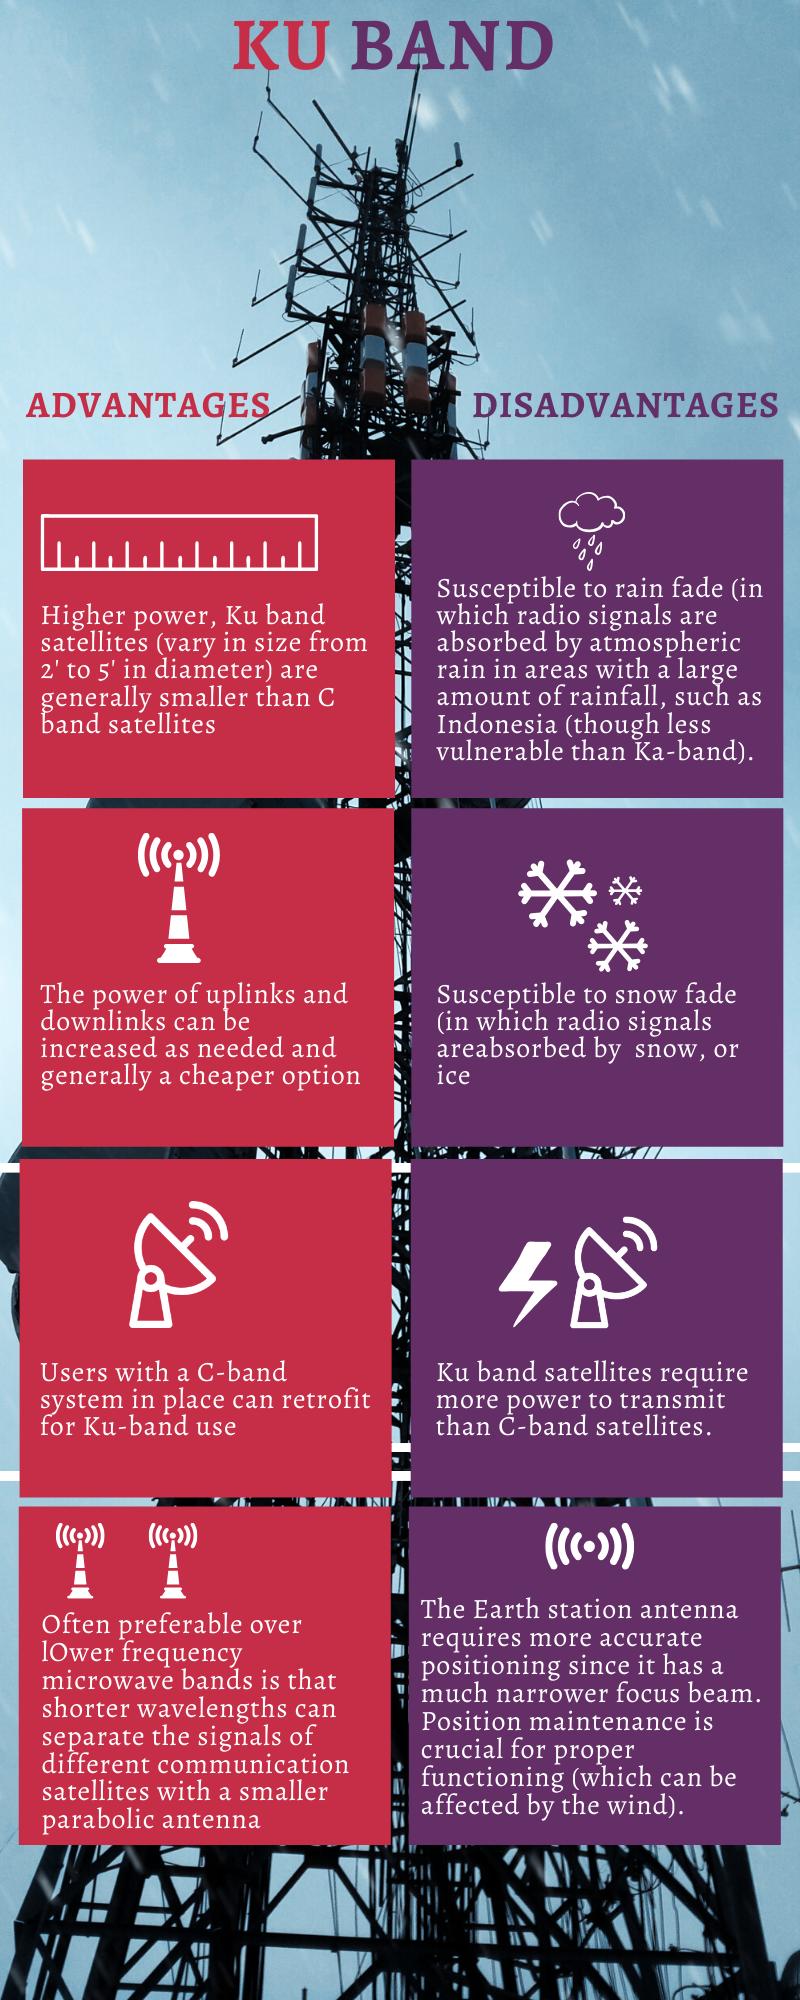 ku band infographic